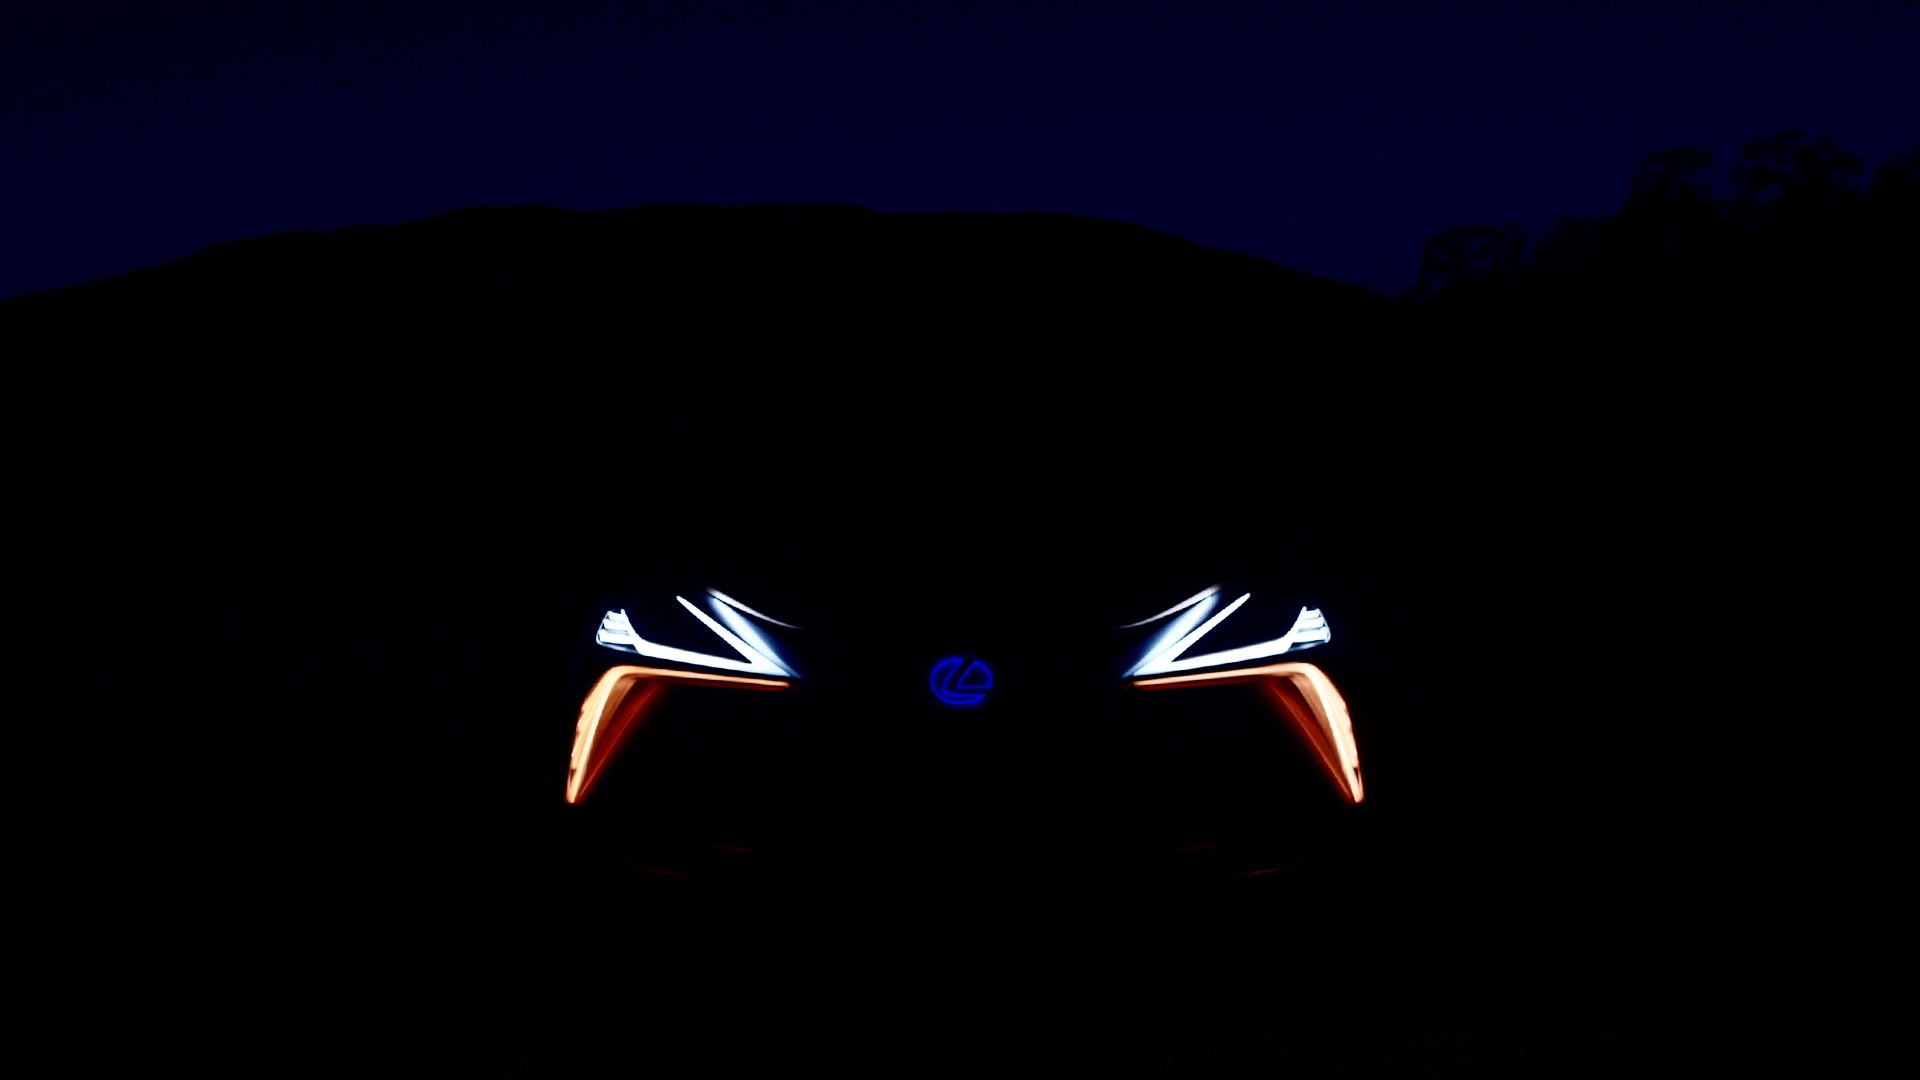 Chaque fois qu'un phare clignote, une Lexus reçoit des ailes